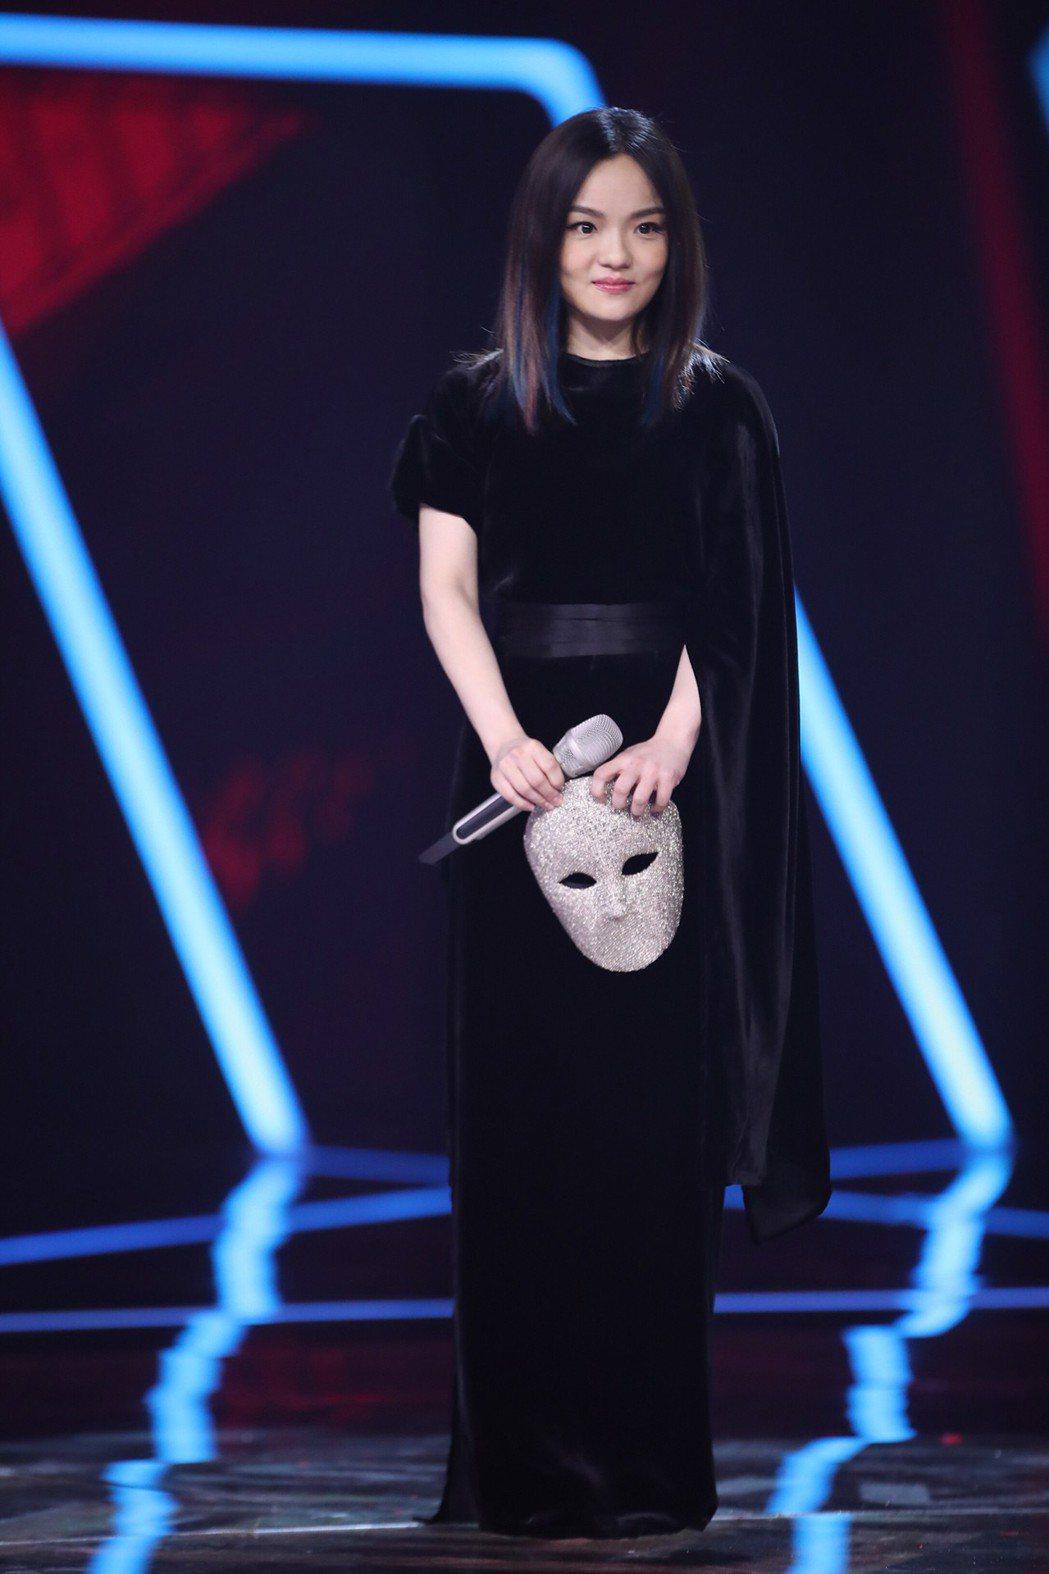 徐佳瑩的嗓音獨特,參加「蒙面唱將猜猜猜3」立刻被猜出身分。圖/亞神音樂提供